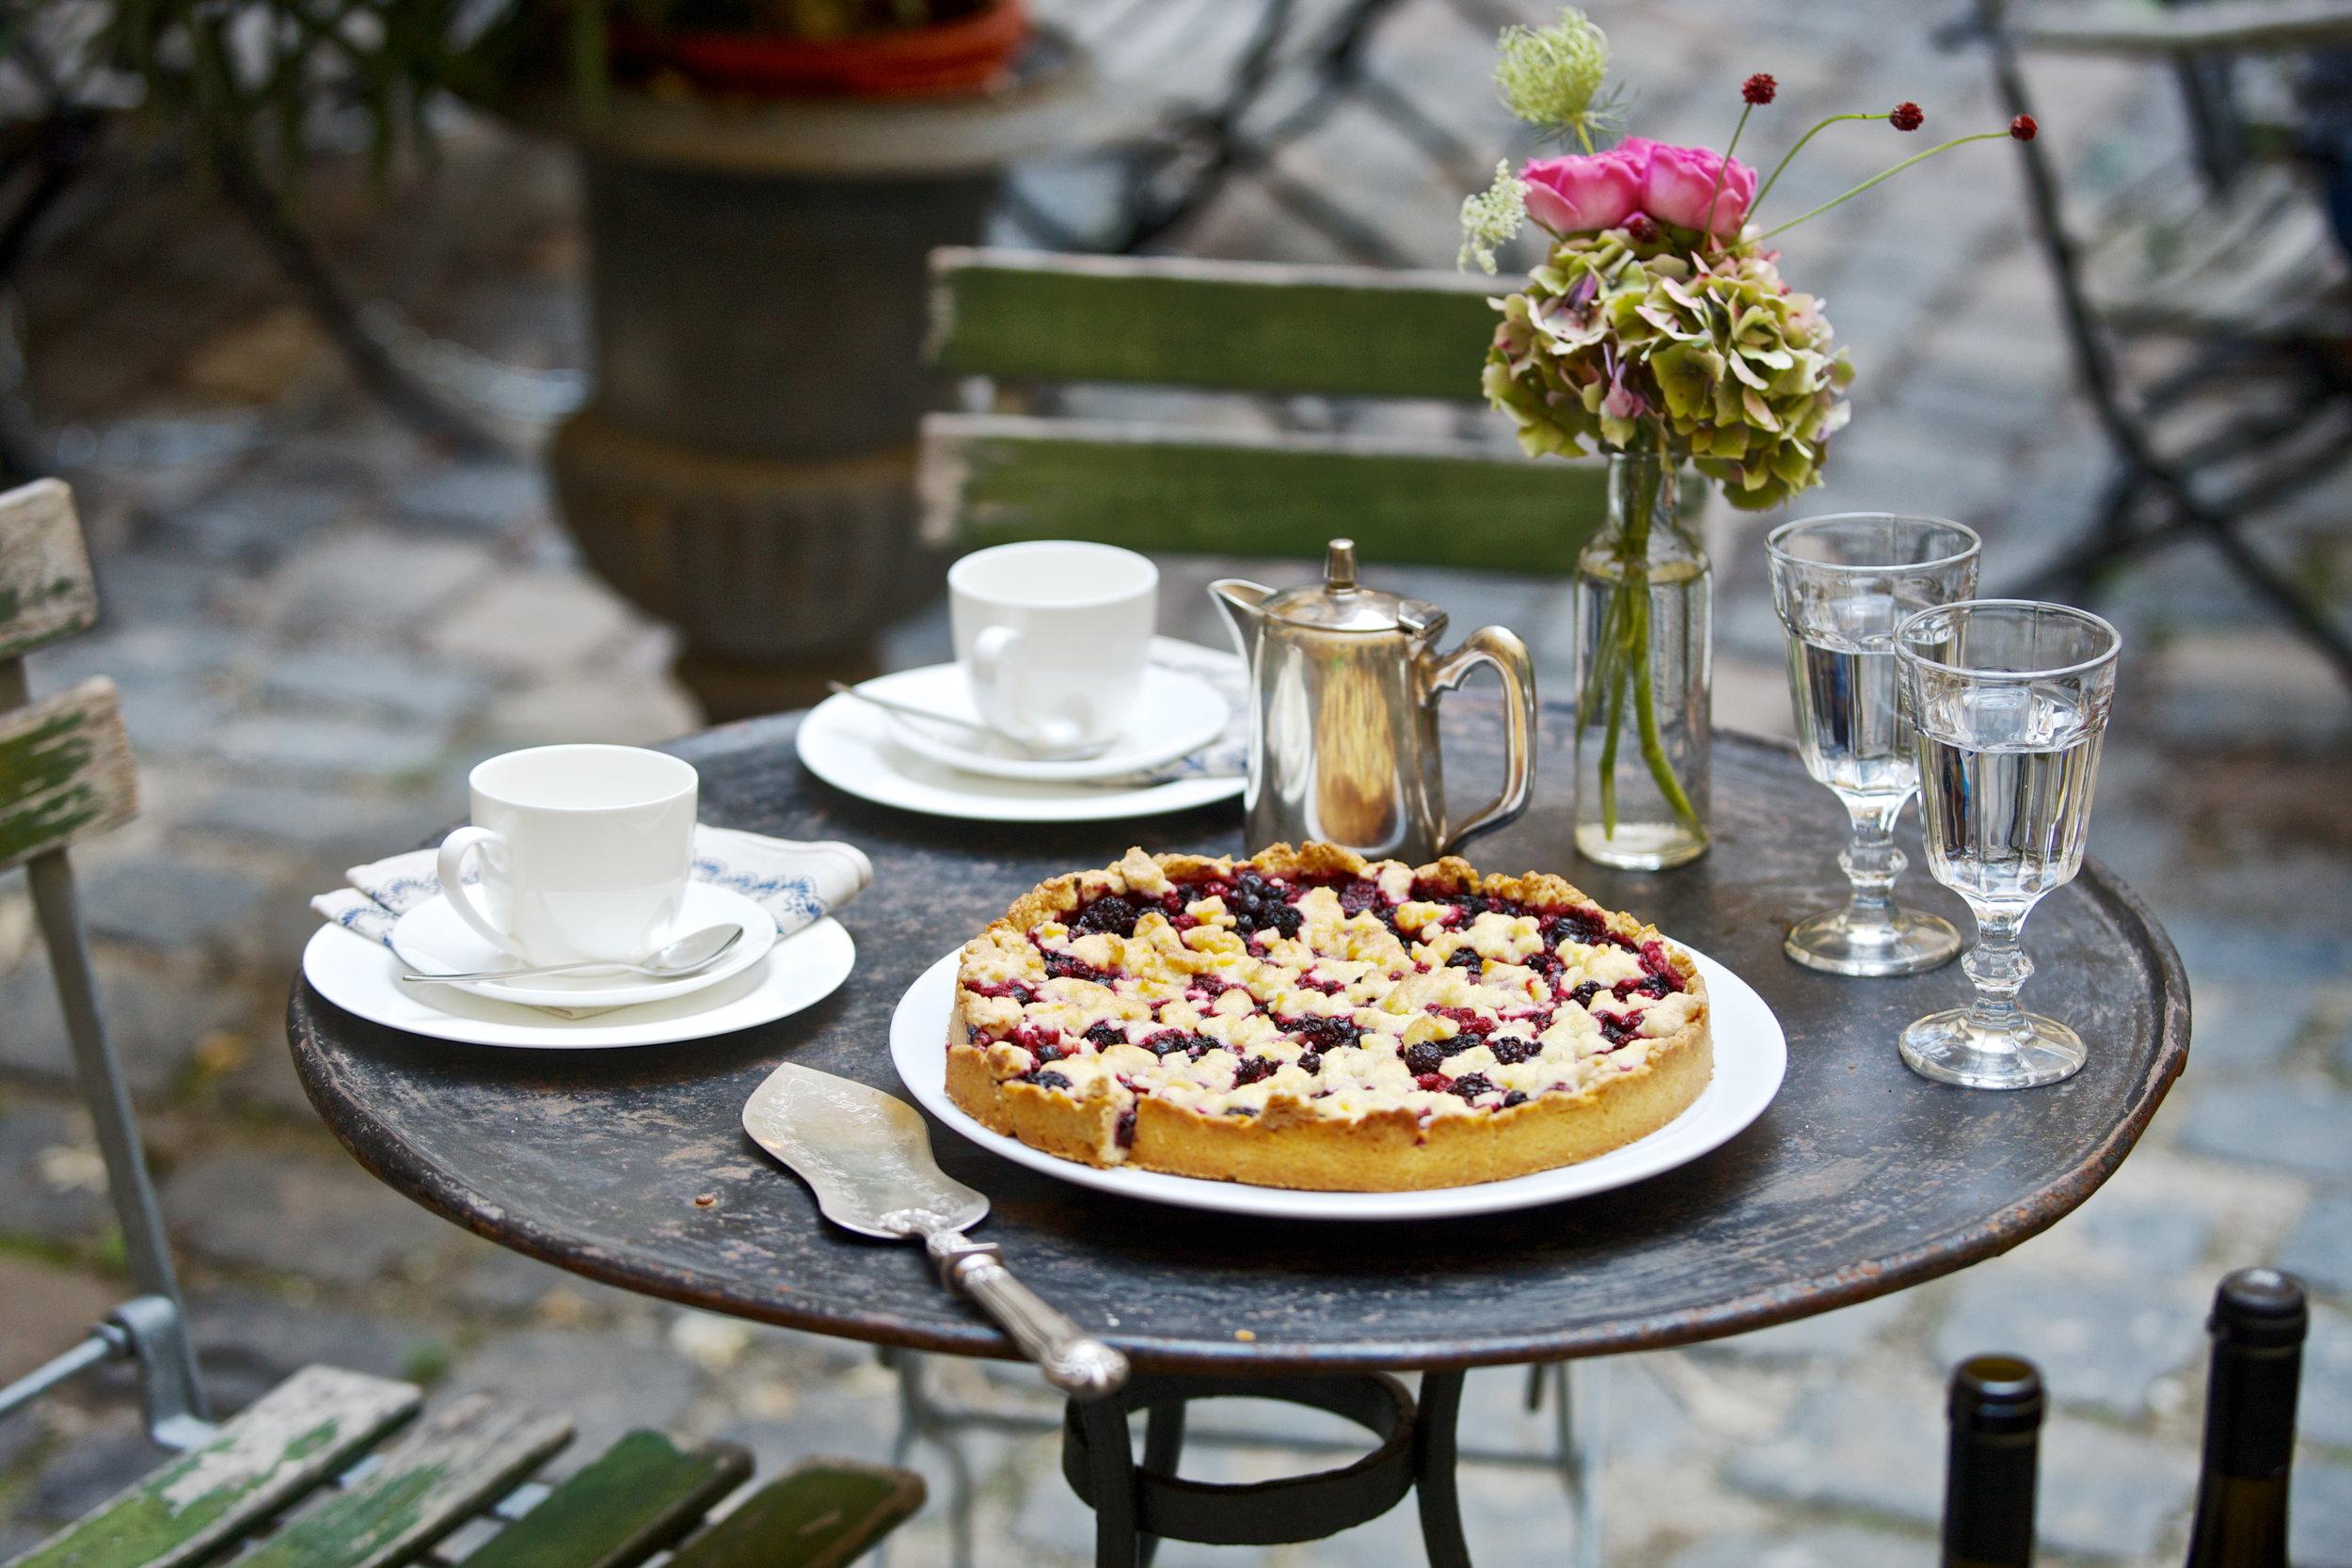 kaffee-kuchen-hotel-fregehaus-leipzig.jpg